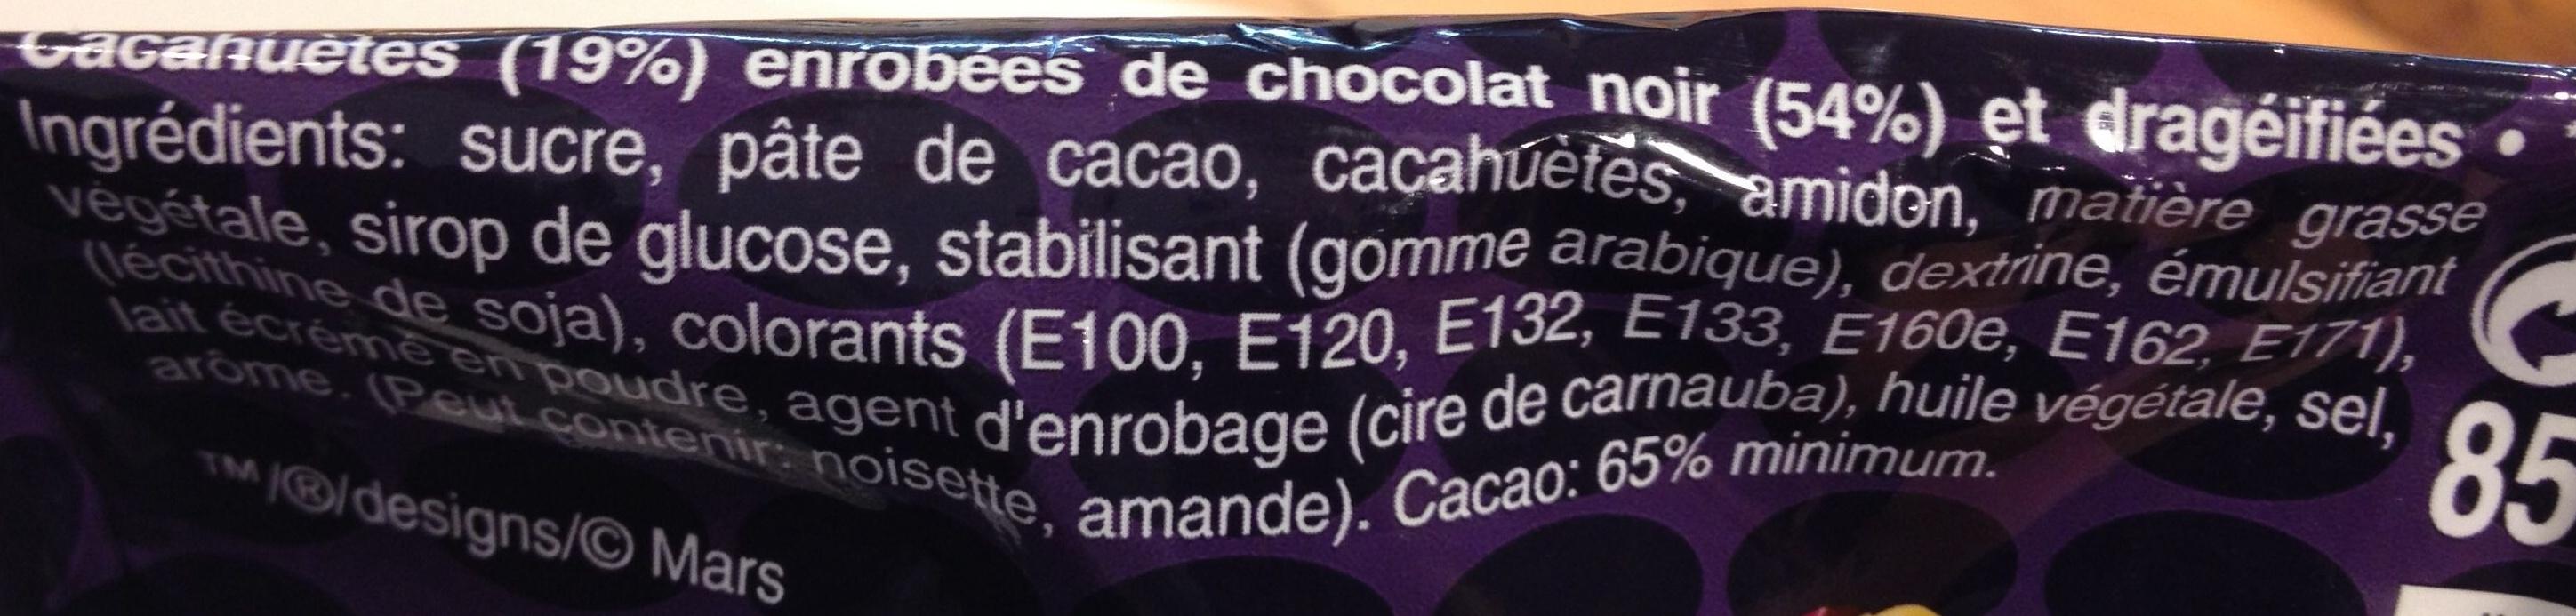 Chocolat noir et cacahuète - Ingredients - fr